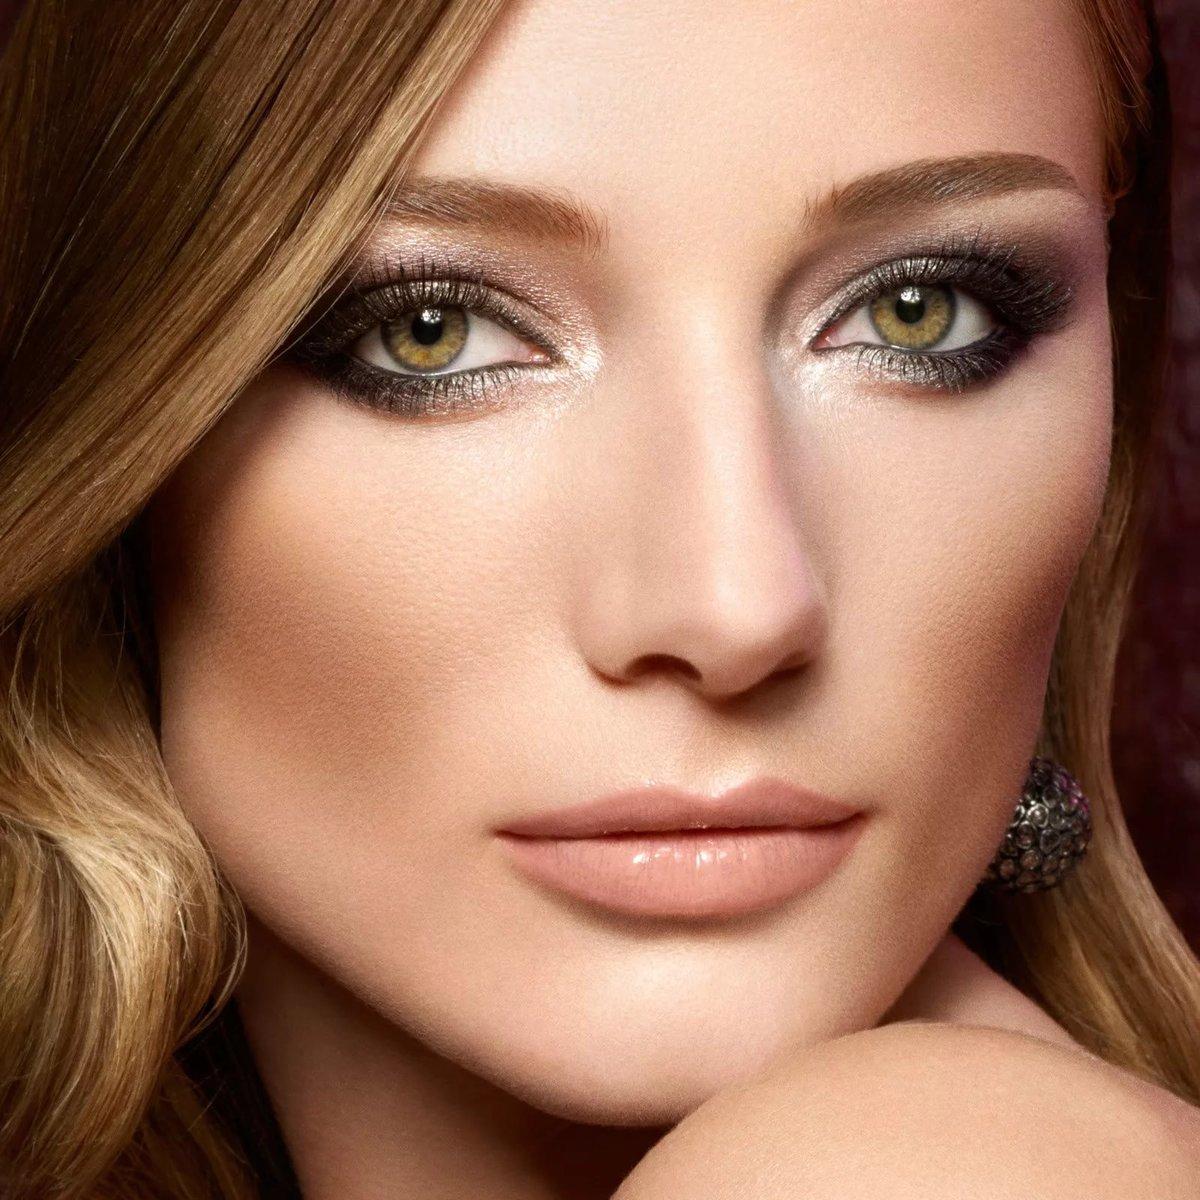 Девушки с ореховым цветом глаз фото